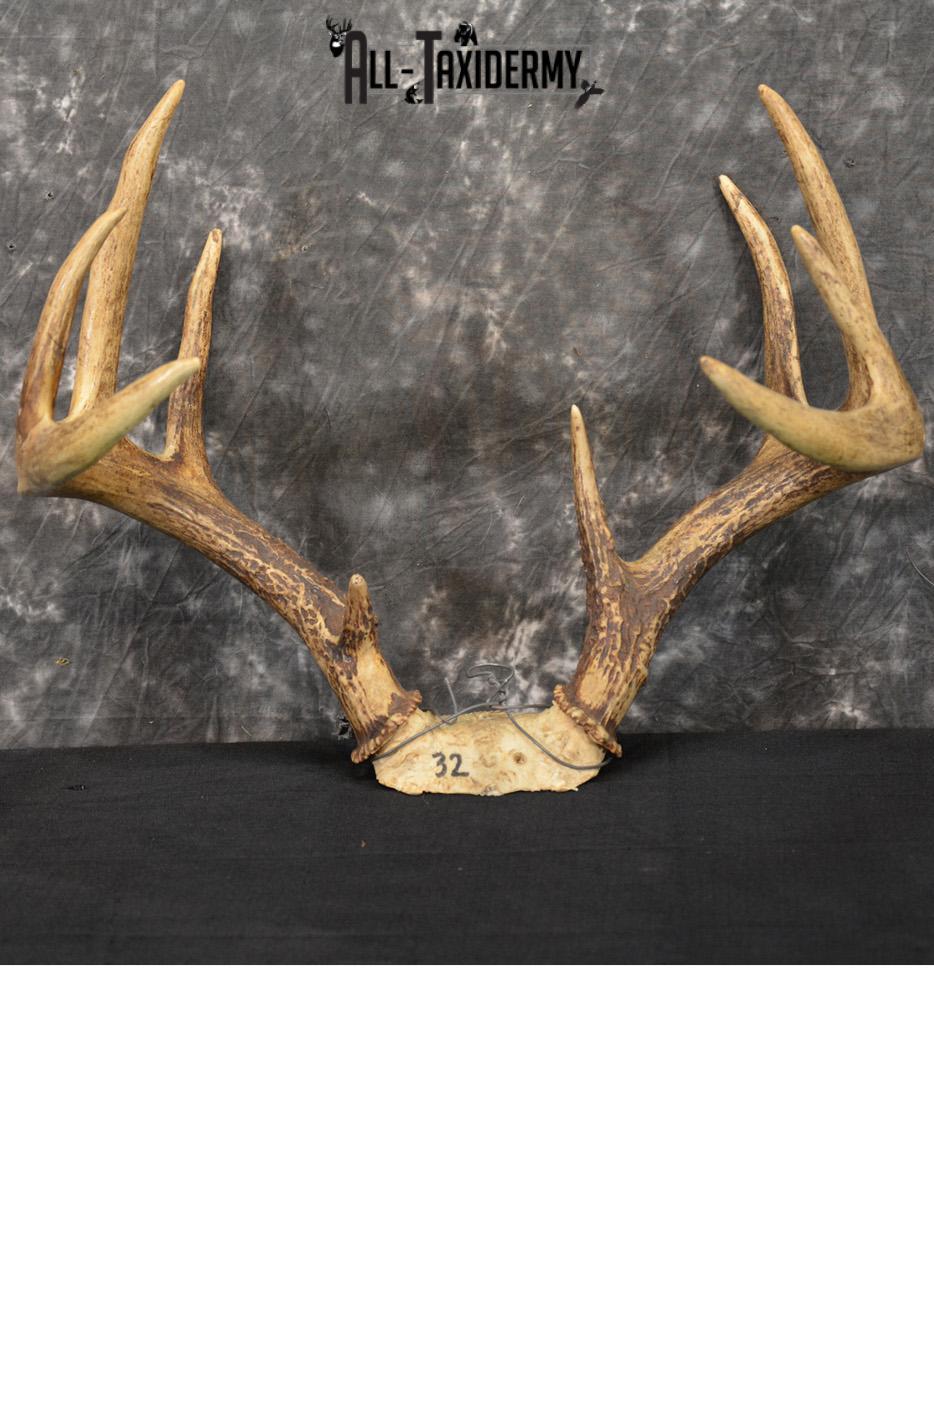 Whitetail deer antler skull cap 10 Point buck SKU 1417